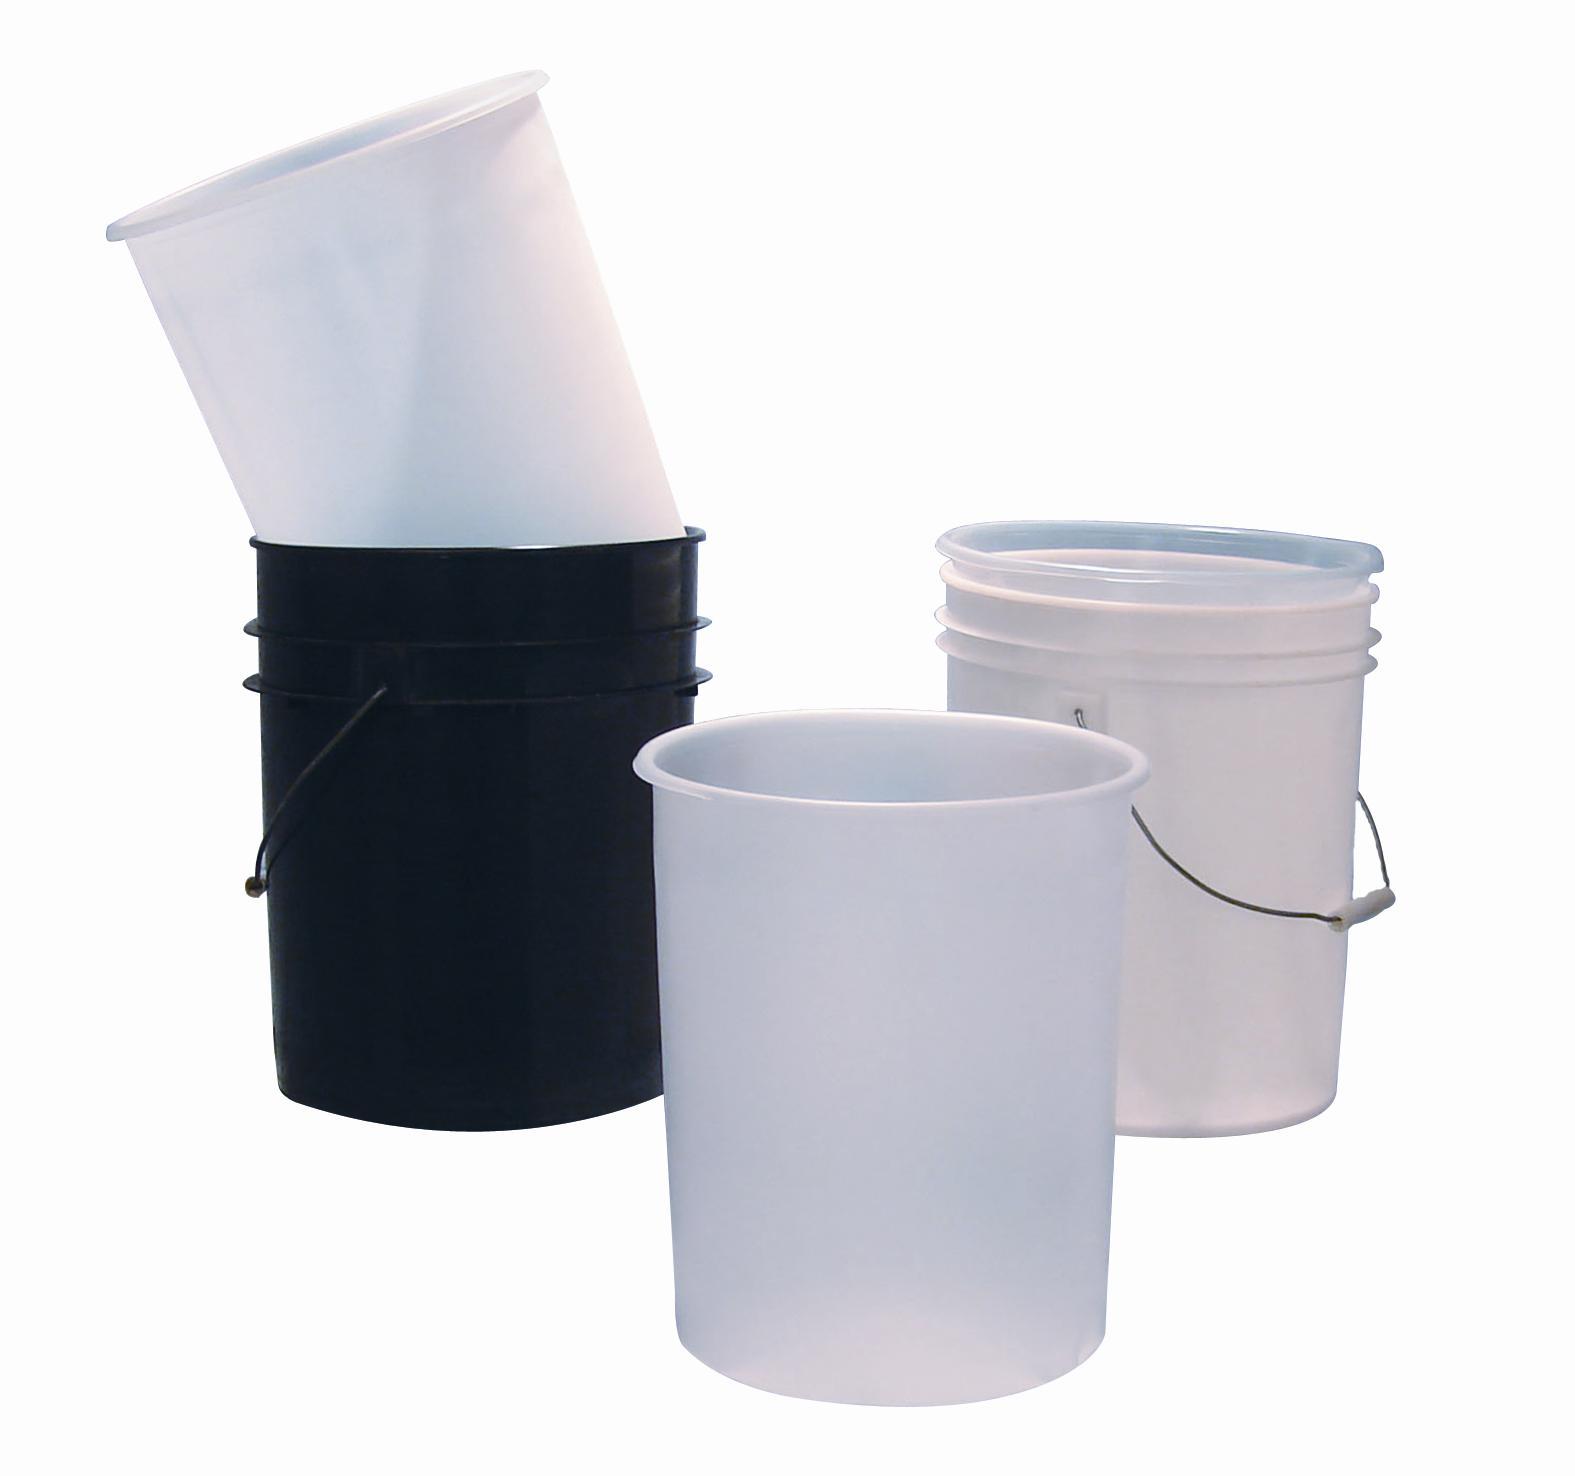 5 Gallon Pail Liner Flexible : Gallon ldpe plastic pail youngstown barrel drum